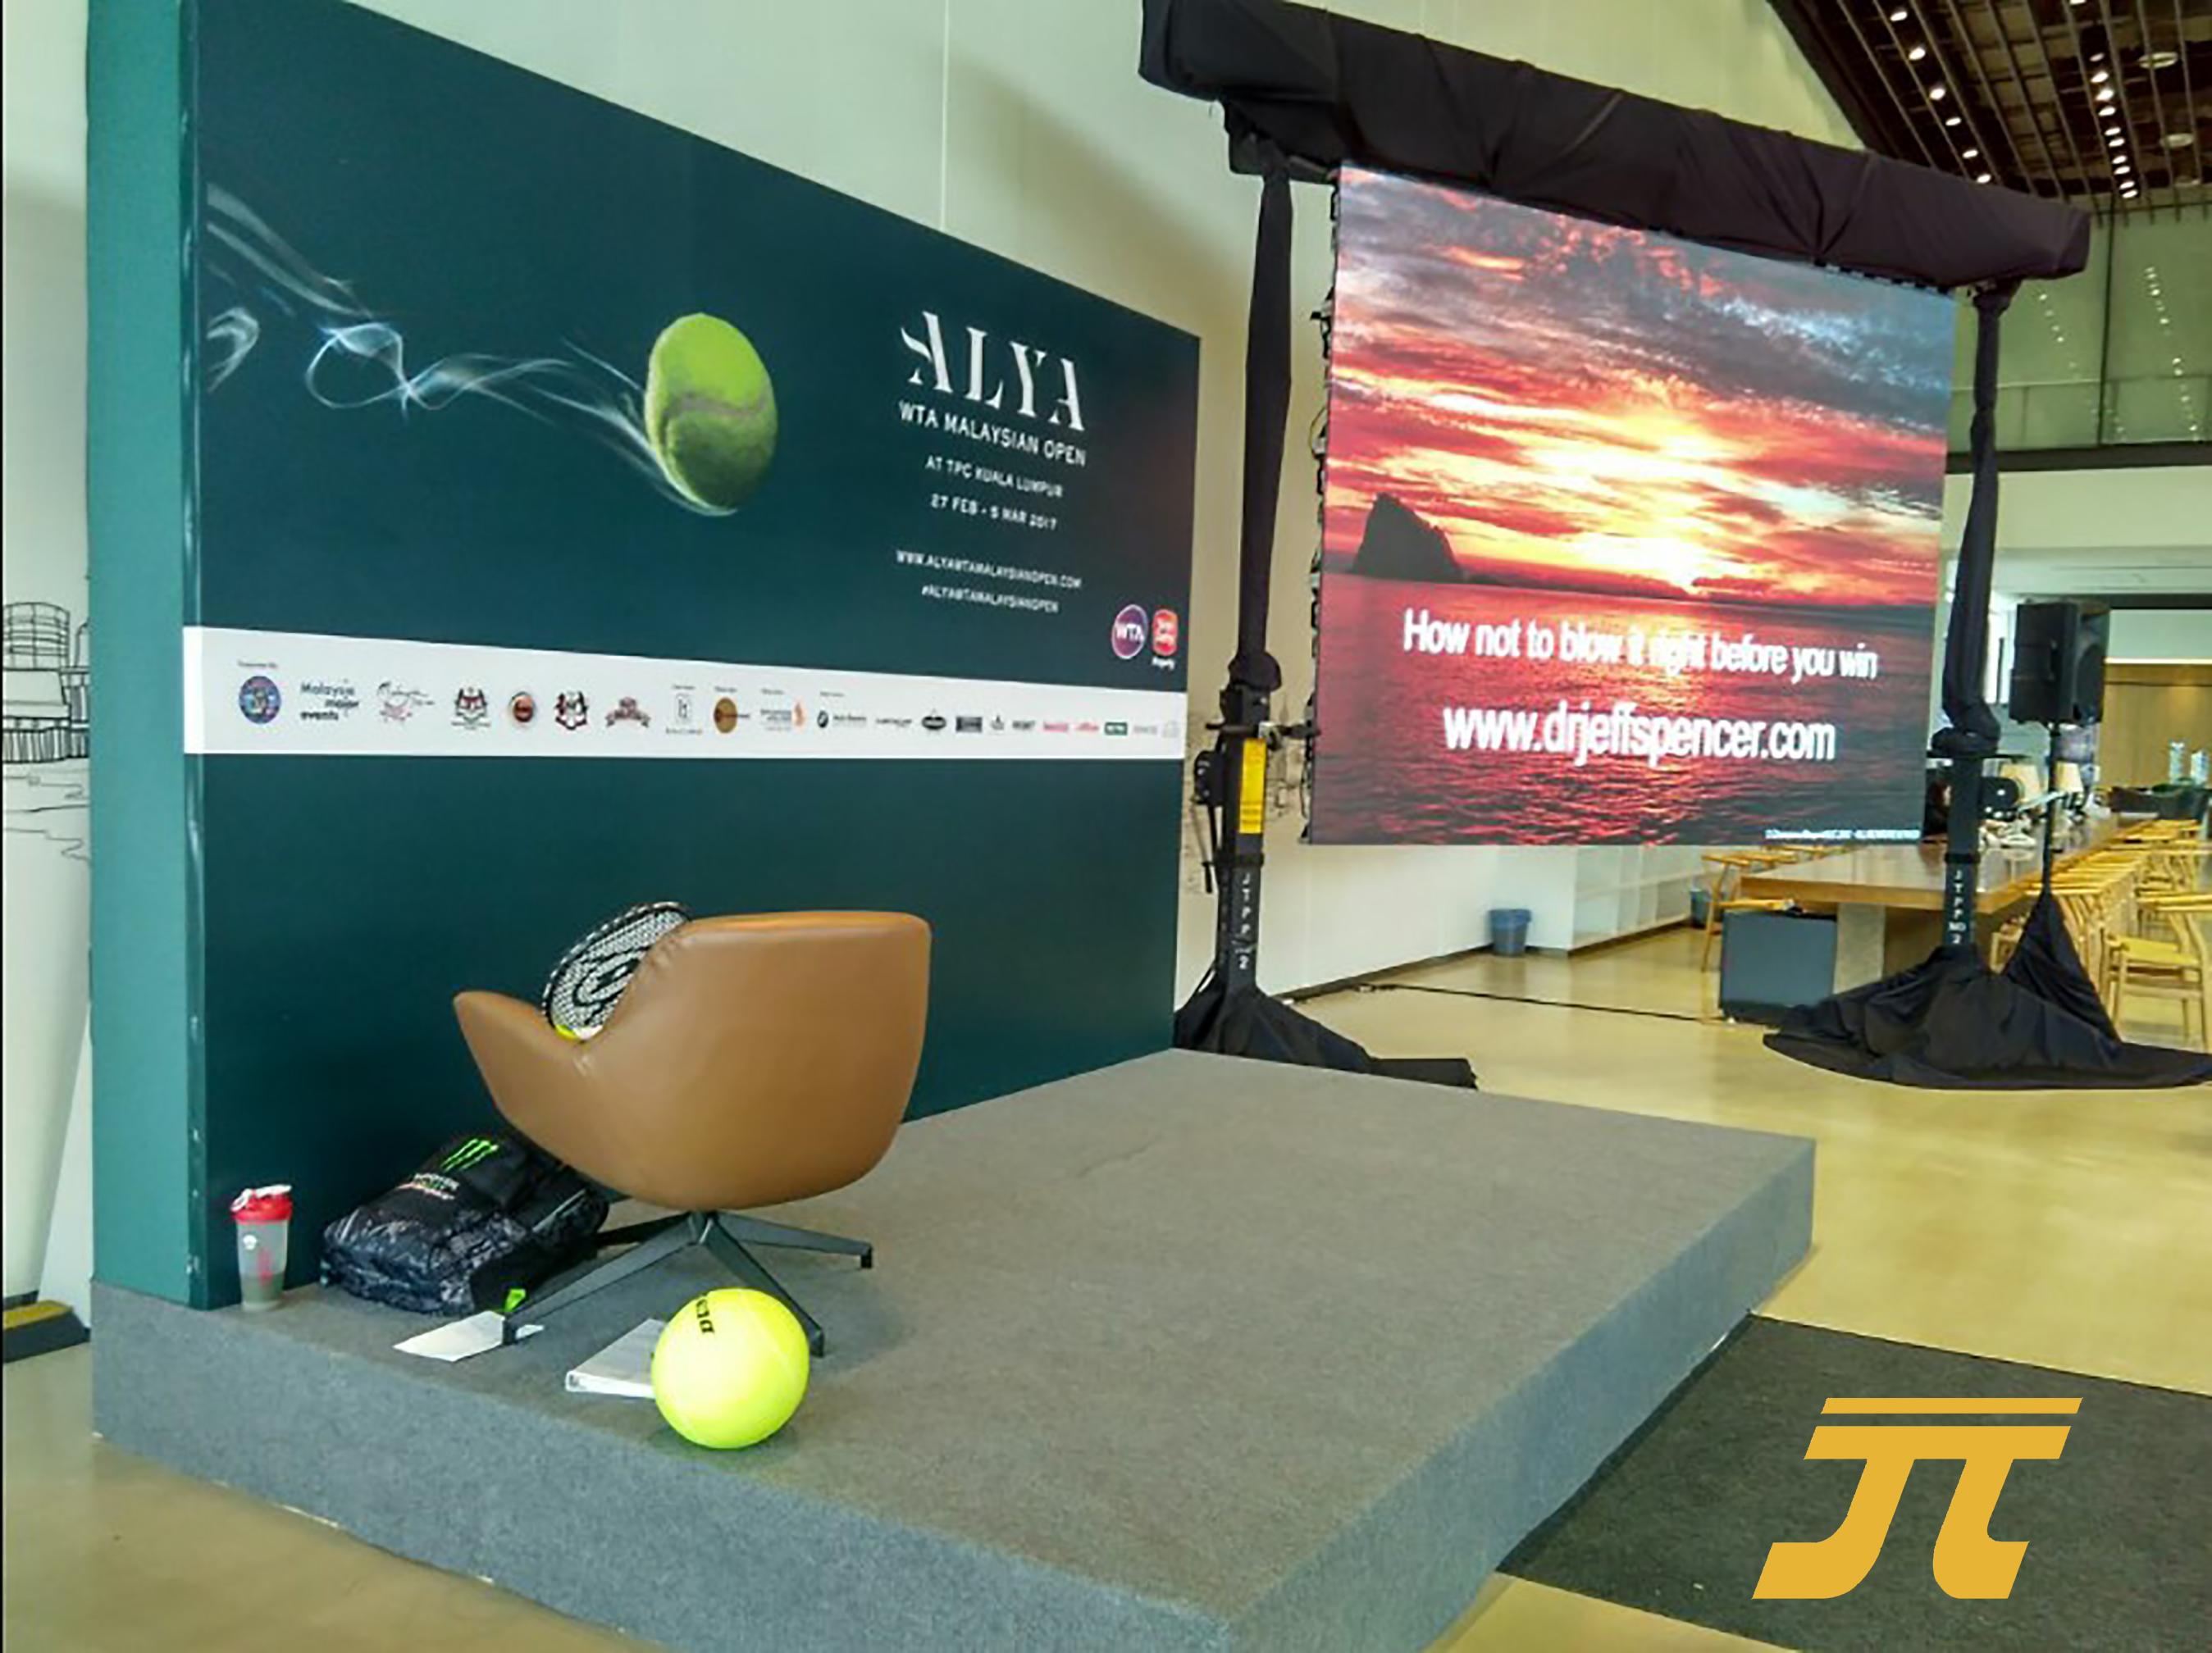 LED TV RENTAL IN MALAYSIA